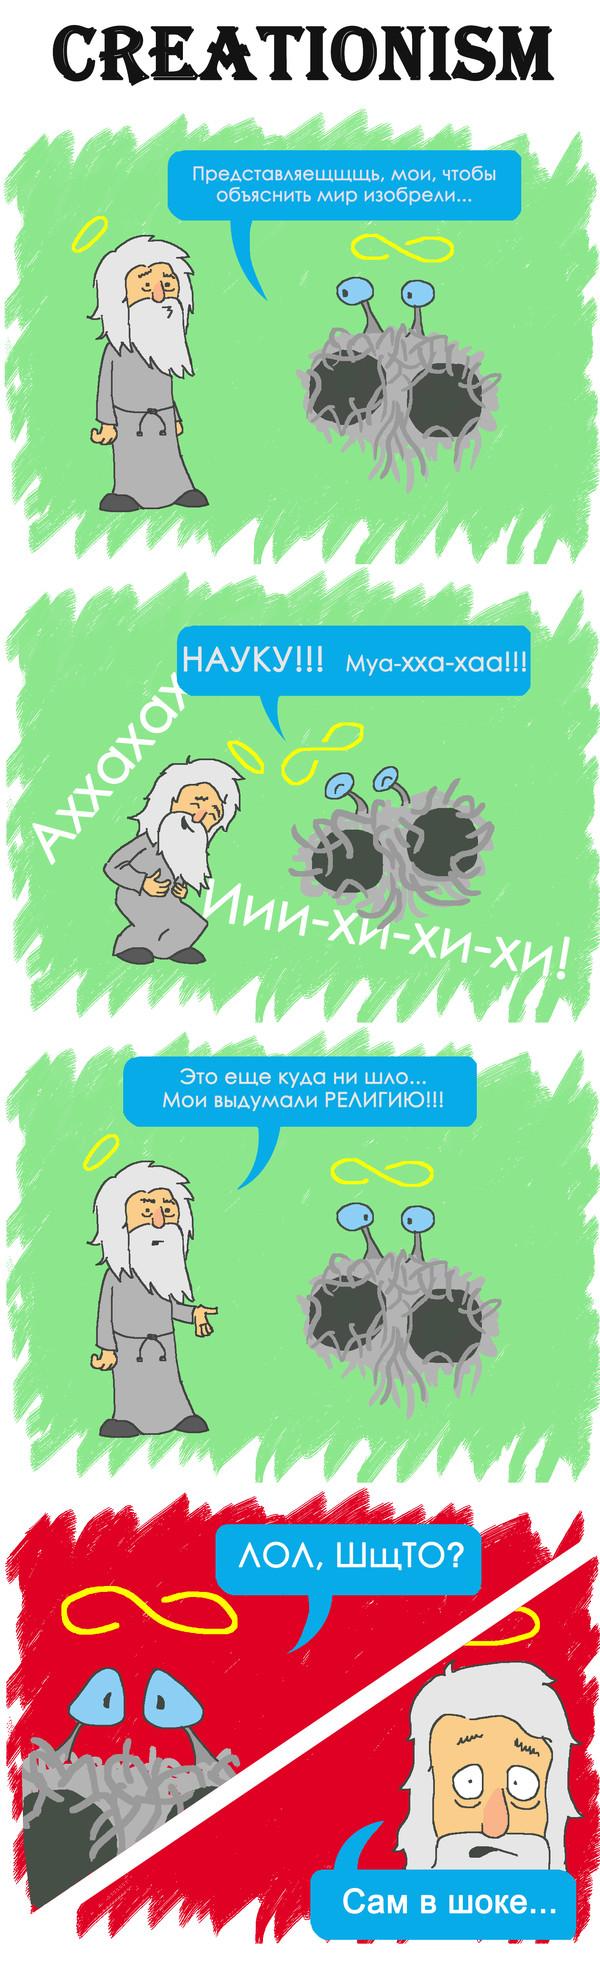 Креационизм без прикрас Комиксы, Летающий макаронный монстр, Религия, Наука, Креационизм, Опиумдлянарода, Длиннопост